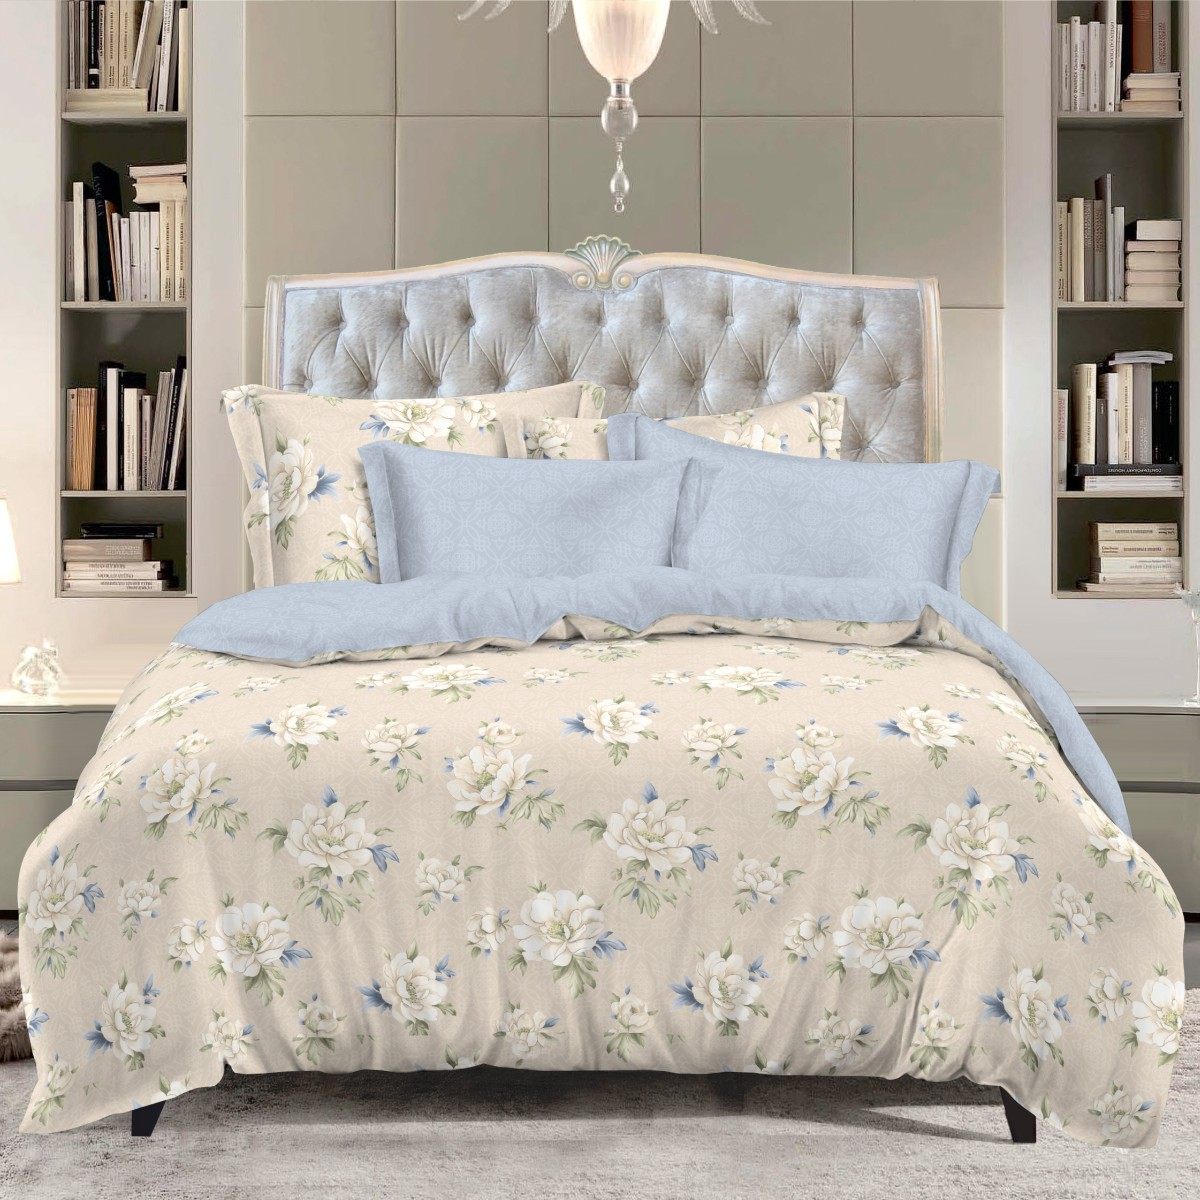 Комплект белья Letto, евро, наволочки 50х70. SM130-6SM130-6Классика в сатиновом исполнении - залог комфорта, модного дизайна и гармонии цвета в вашей спальне. Это отличный подарок любителям трендов. Сатин заслужено считается благородной тканью для постельного белья. Ему свойственна практичность, долговечность, мягкость и изысканный блеск, такая ткань прекрасно впитывает влагу во время сна, комфортна на ощупь и не требует особого ухода. Серия Letto Сатин - это современные дизайны в европейском стиле. Обращаем внимание, что наволочки могут отличаться от представленных на фотографии. Также может отличаться оттенок комплекта из-за разницы в цветопередаче мониторов.